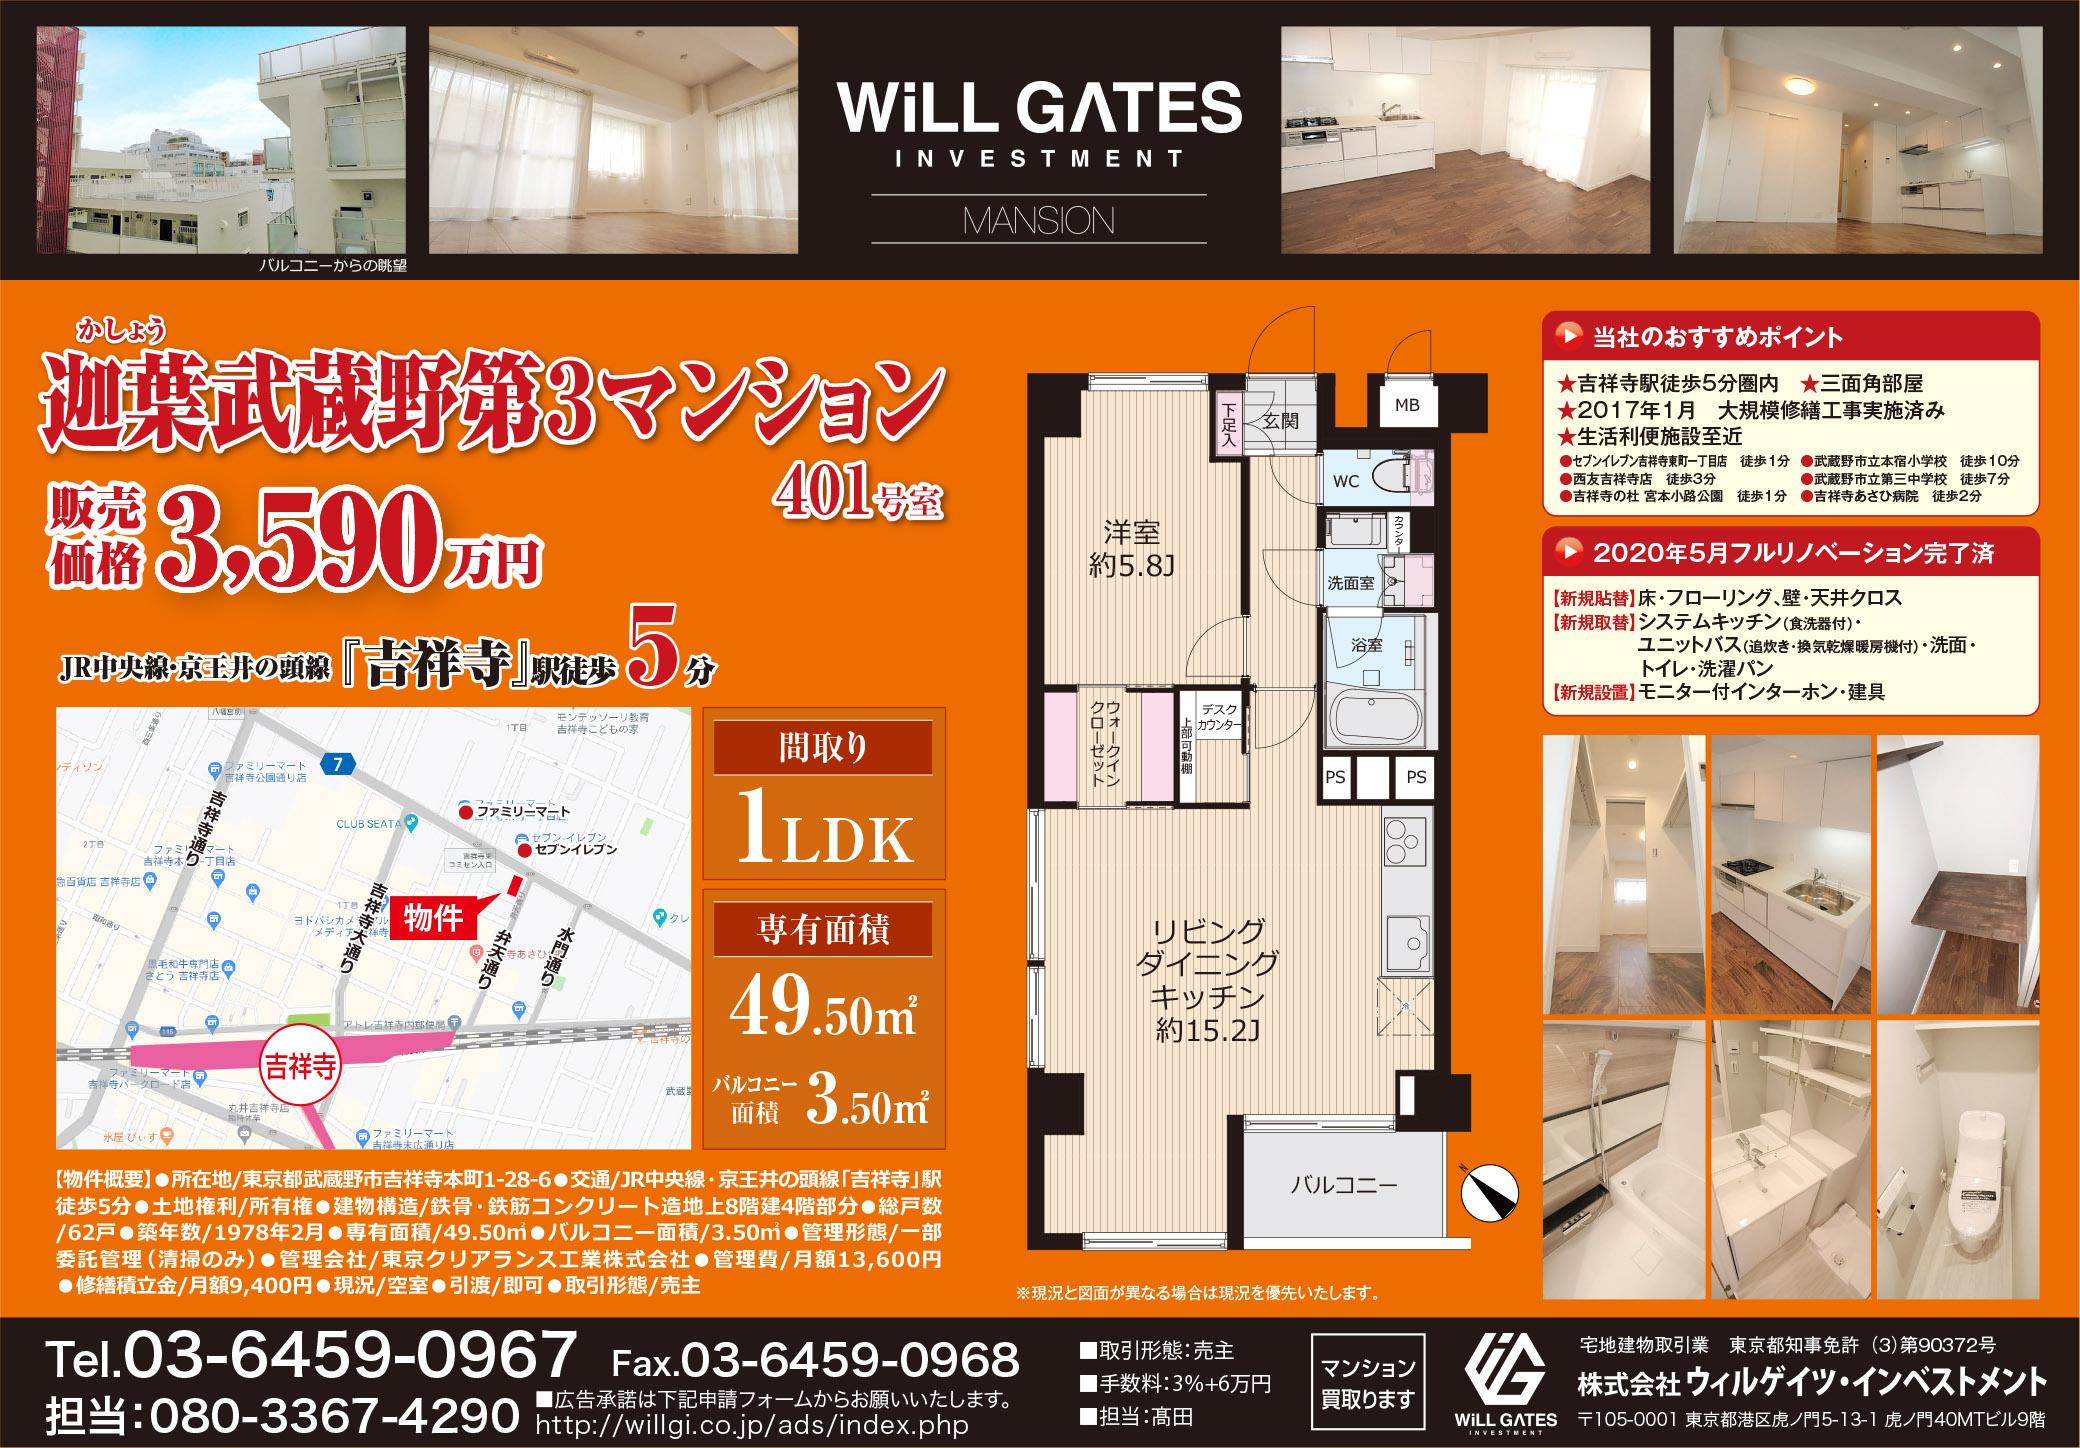 迦葉武蔵野第3マンション